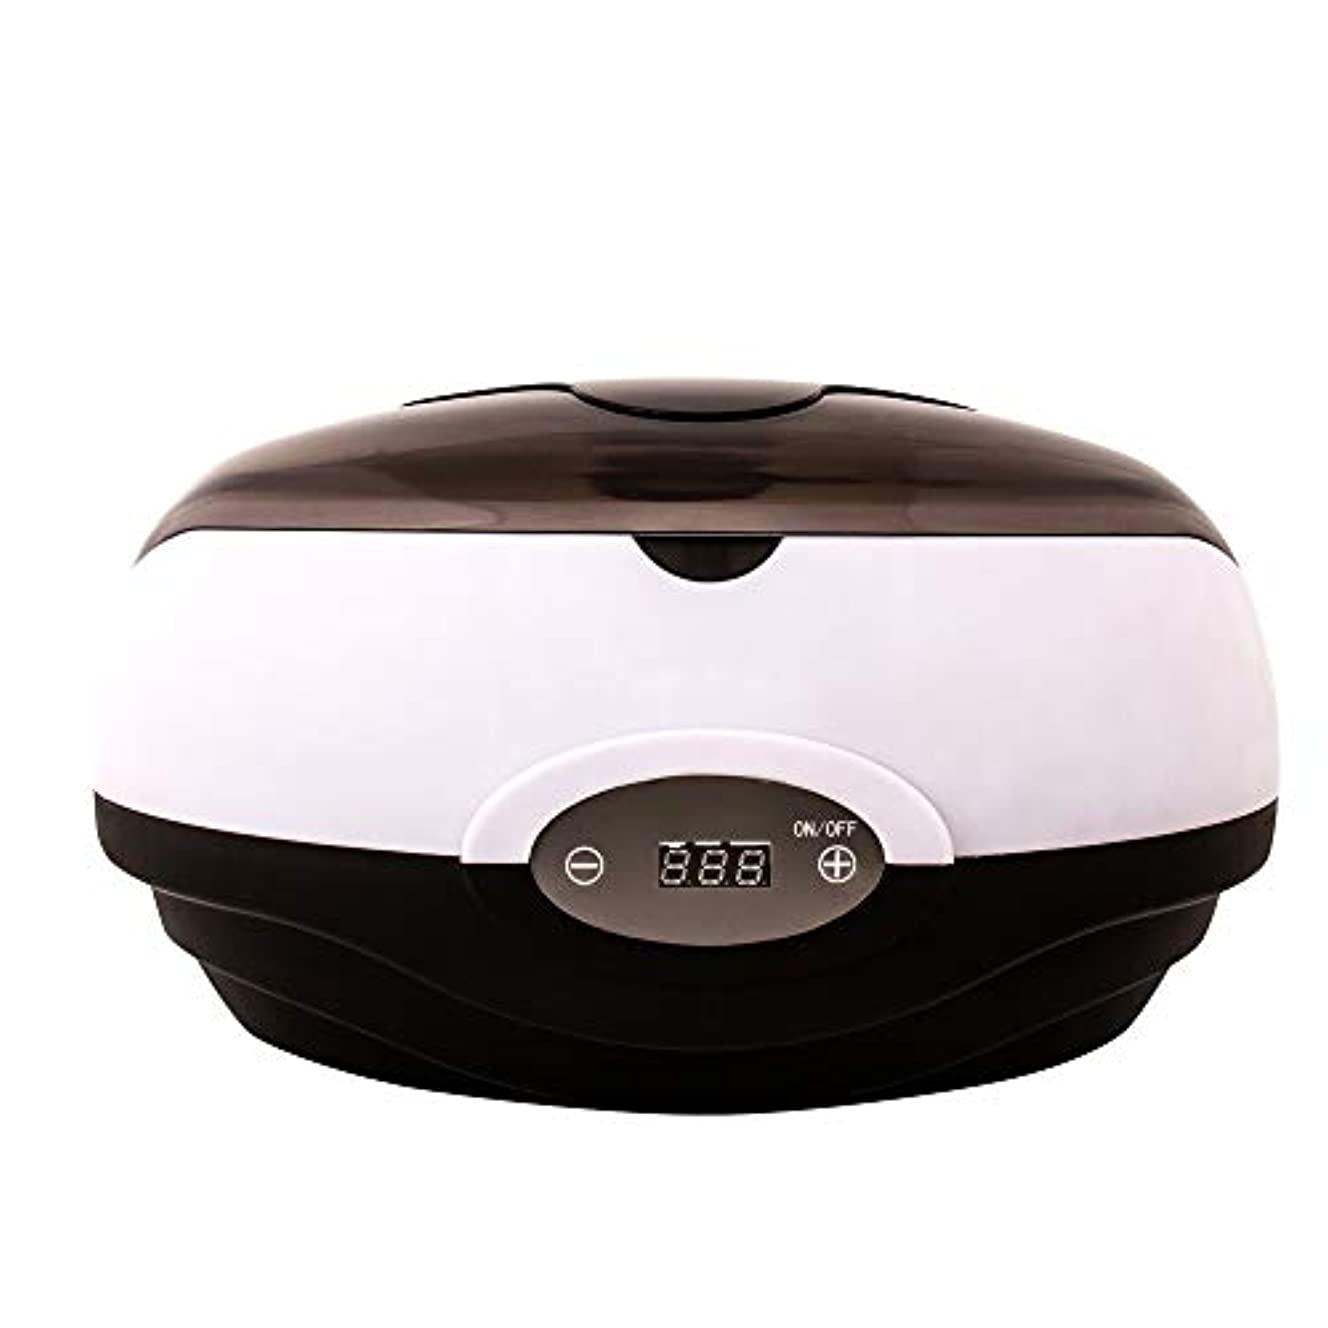 カテゴリーずらすわざわざワックスヒーター電子温度制御パラフィンスキンケア手ワックスマシンバスタブワックス鍋ワックス美容院機器用ホームとサロン